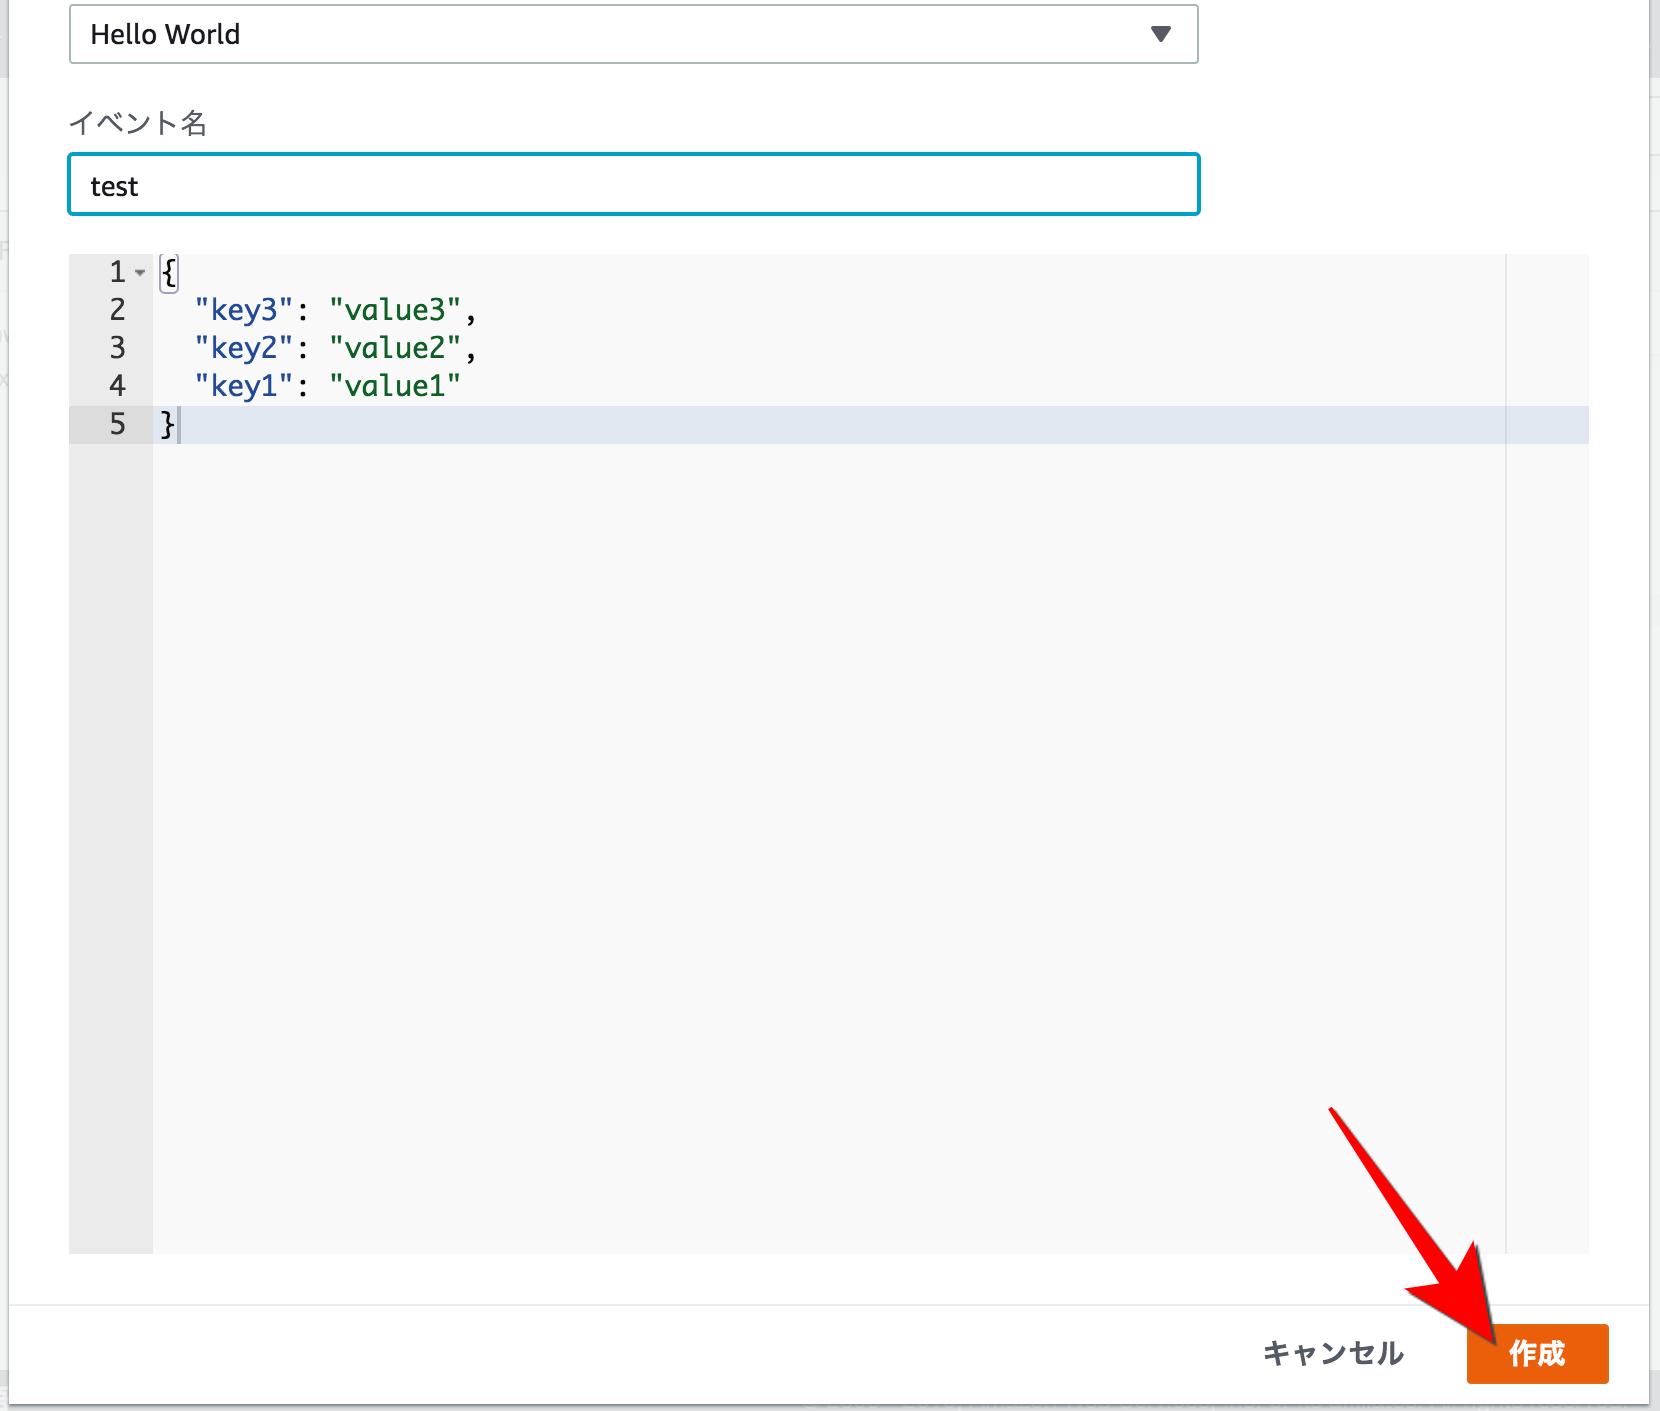 新機能]AWS LambdaがNode js v8 10をサポートしました | DevelopersIO